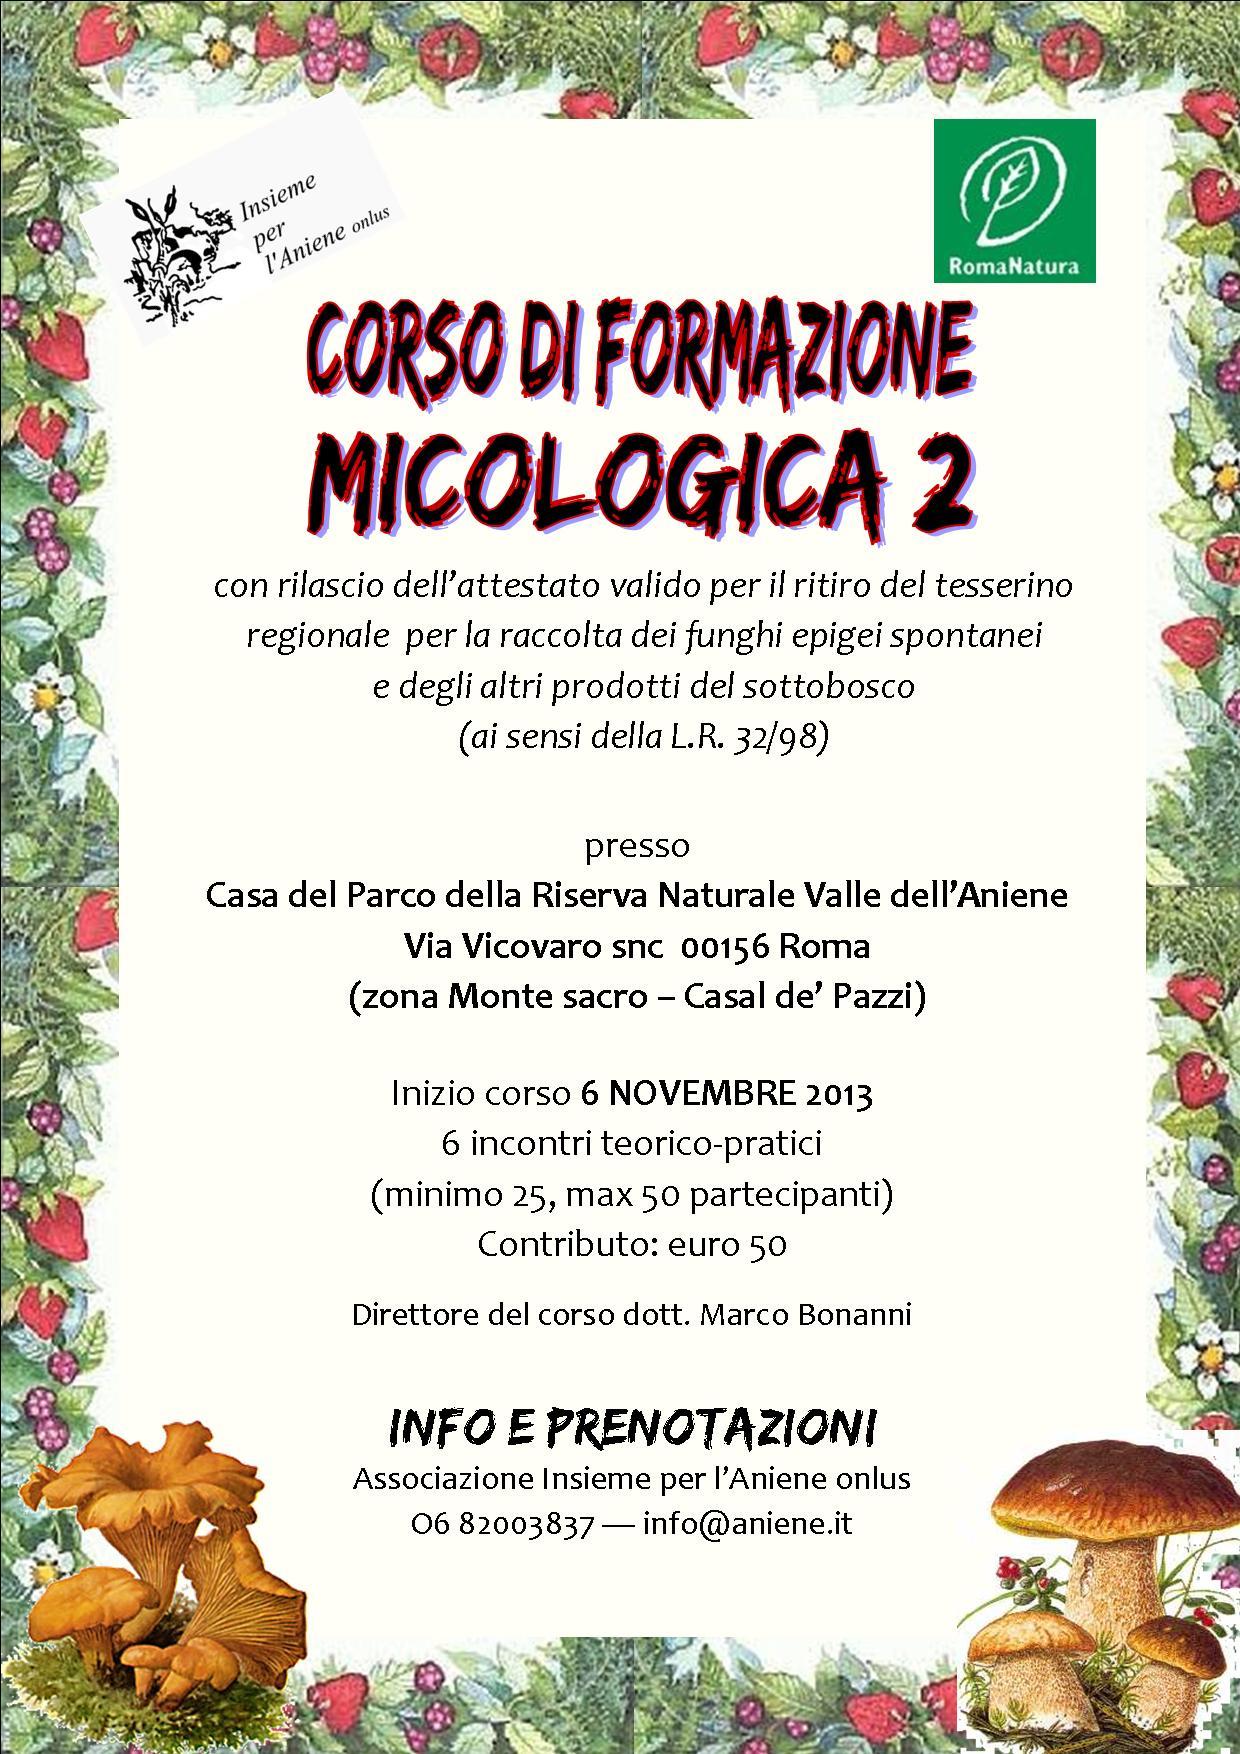 6 NOVEMBRE-15 NOVEMBRE-CORSO FORMAZIONE MICOLOGICA 2